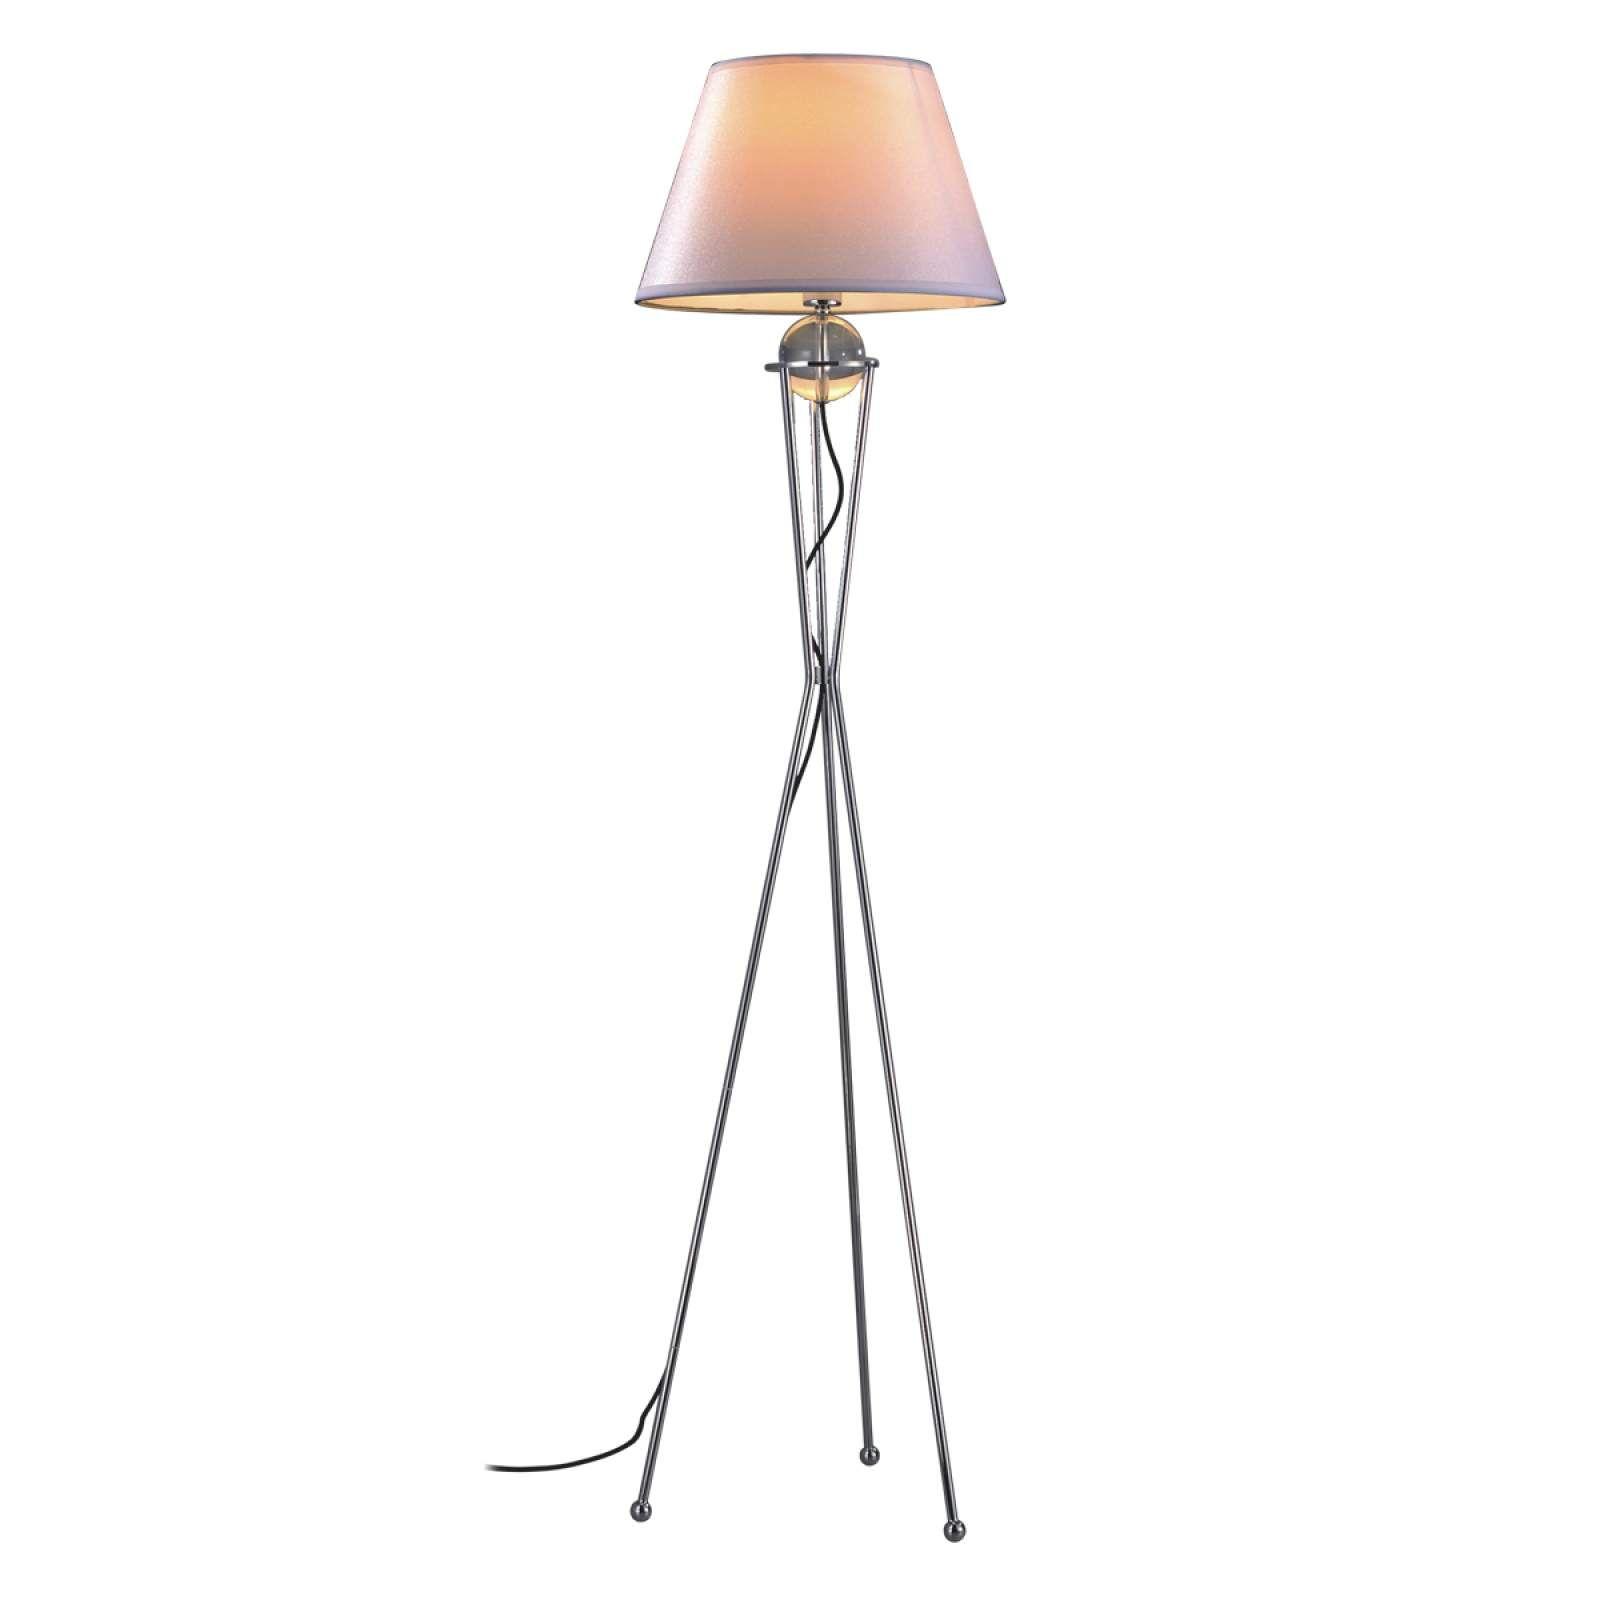 Moderne Stehlampe Zsa Von Pamalux Grau Stehlampe Dimmbar